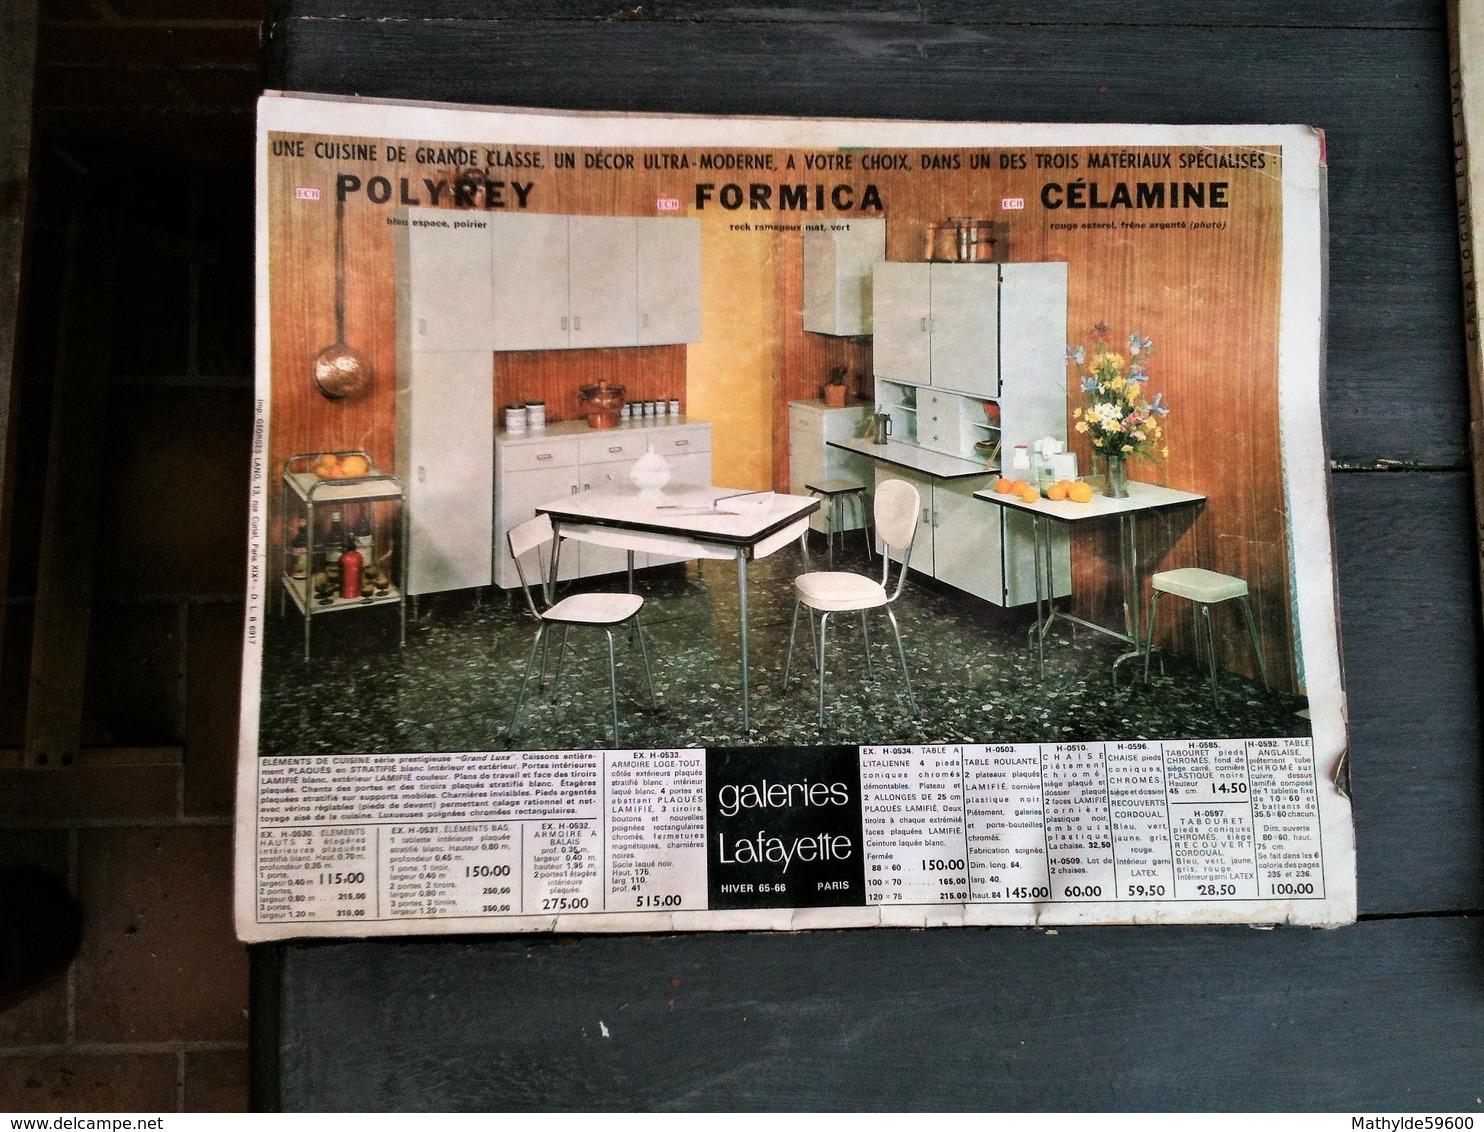 3 Cataologues Des Galeries LAFAYETTE - Paris - Huis & Decoratie